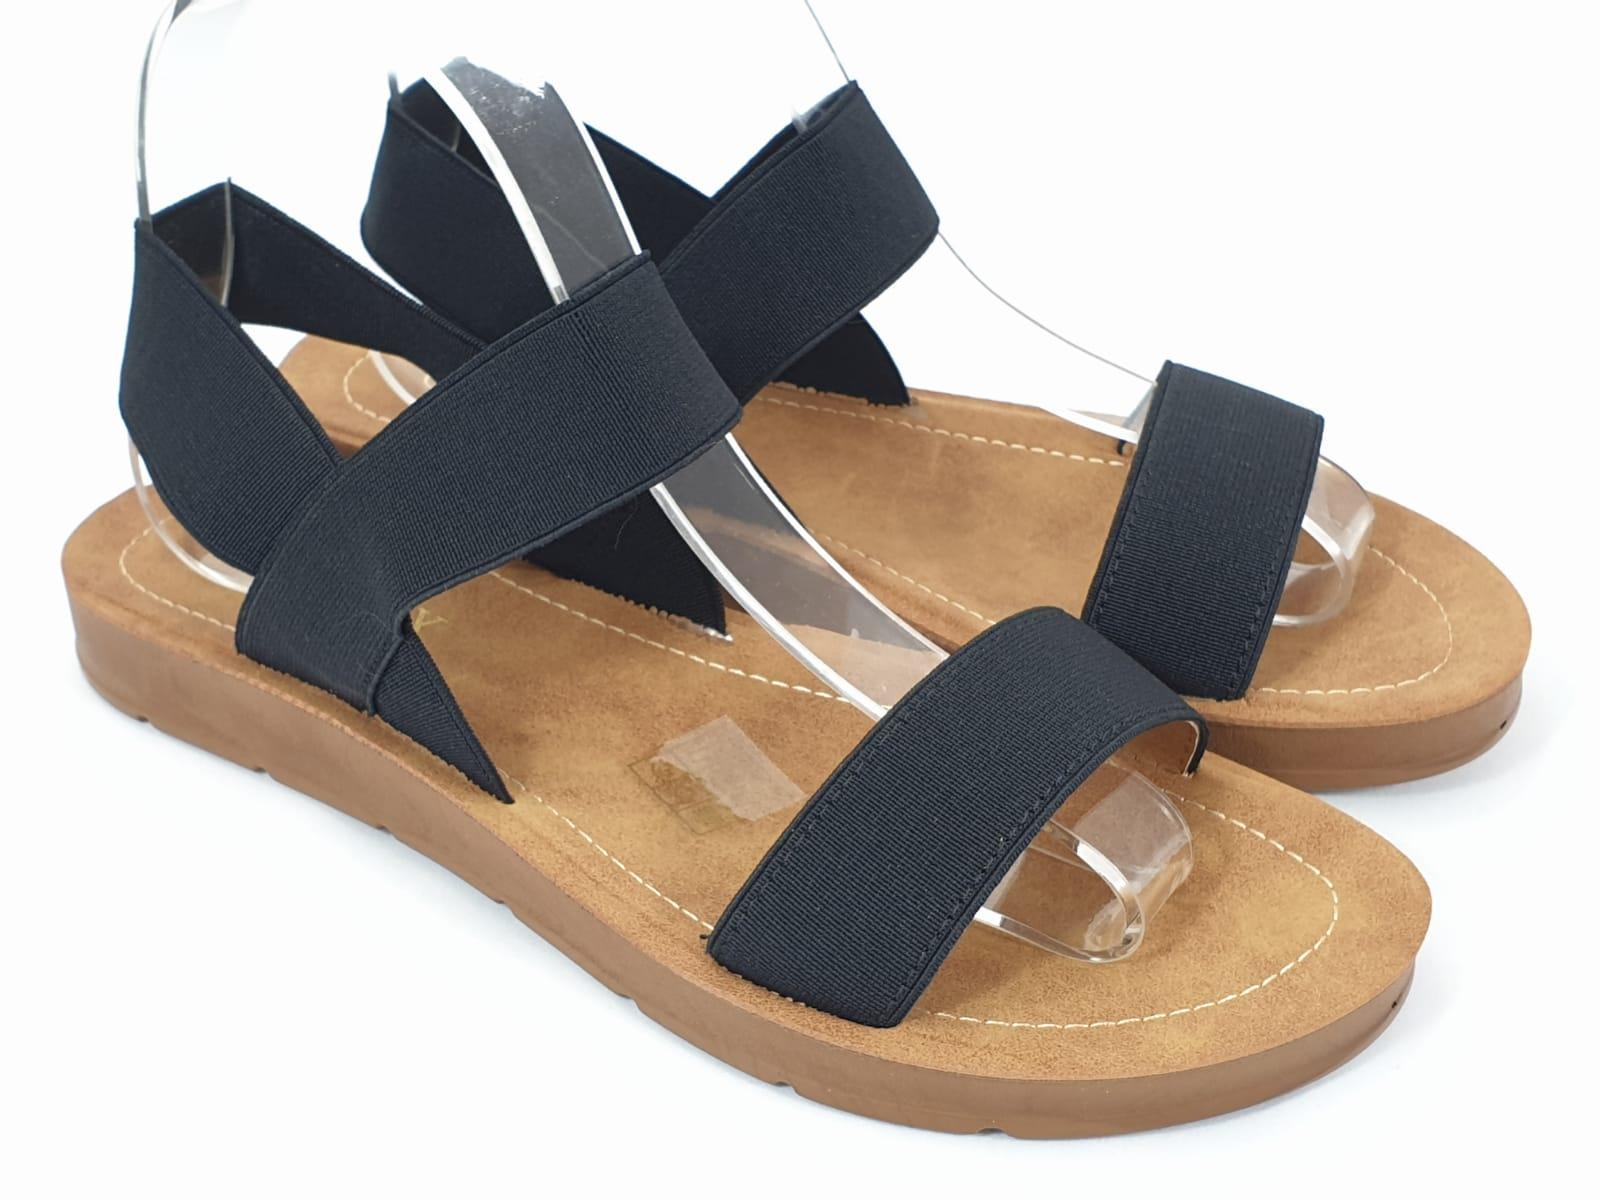 Sandale dama negre Zore